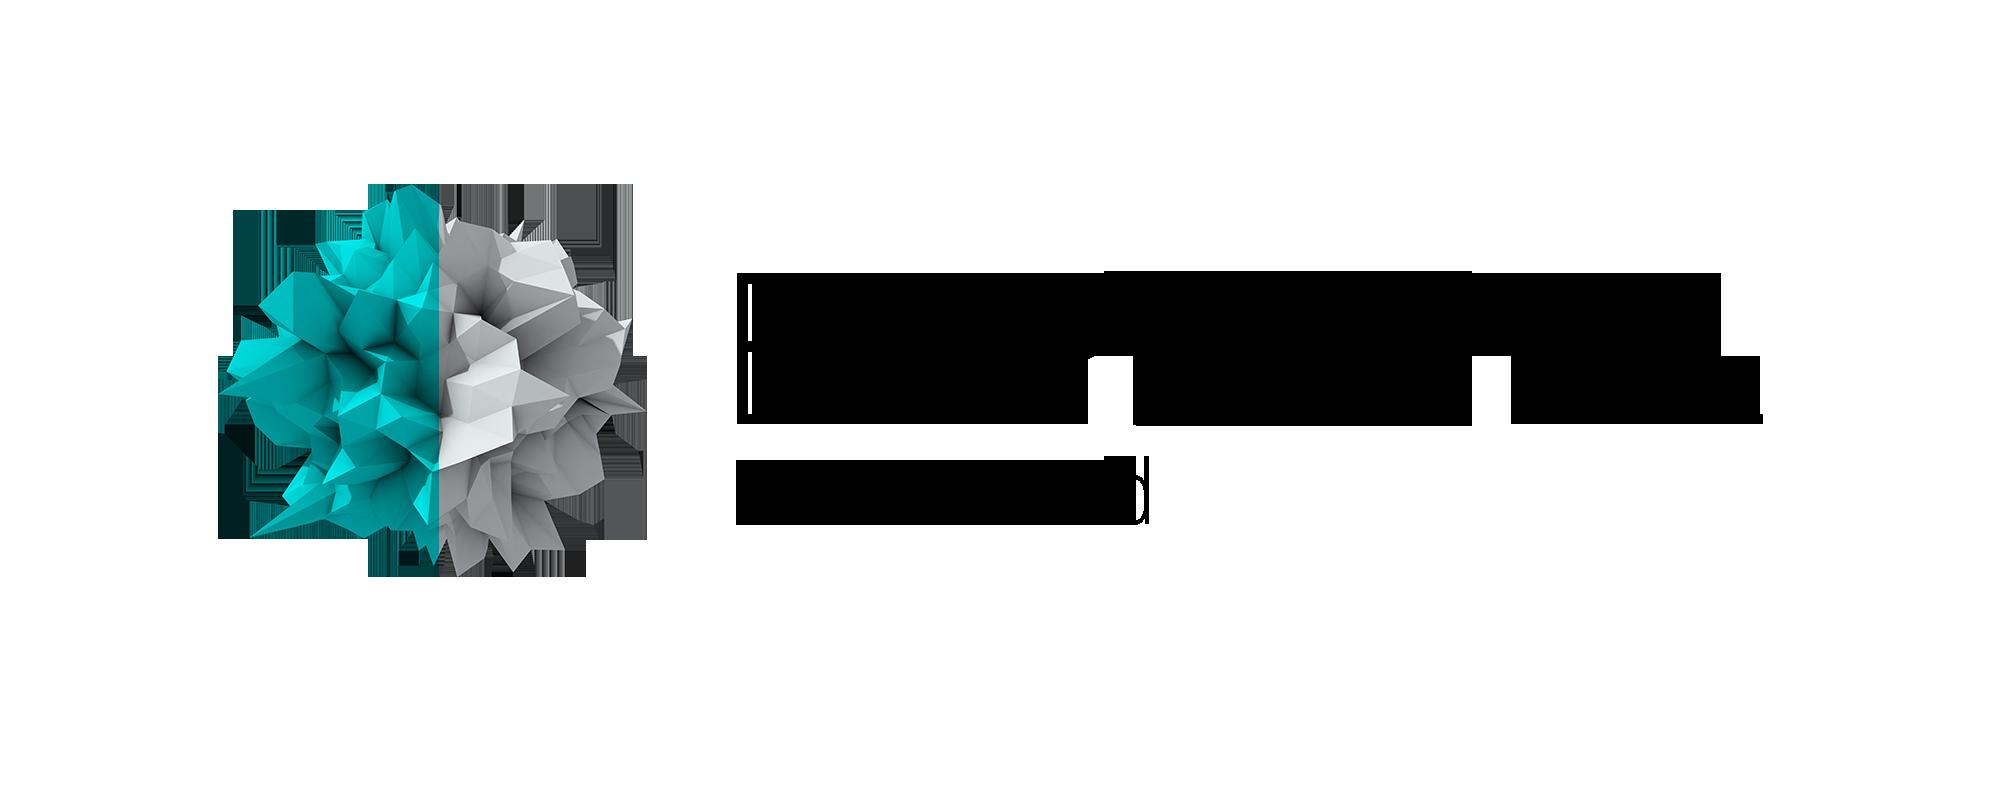 59cd9f804b